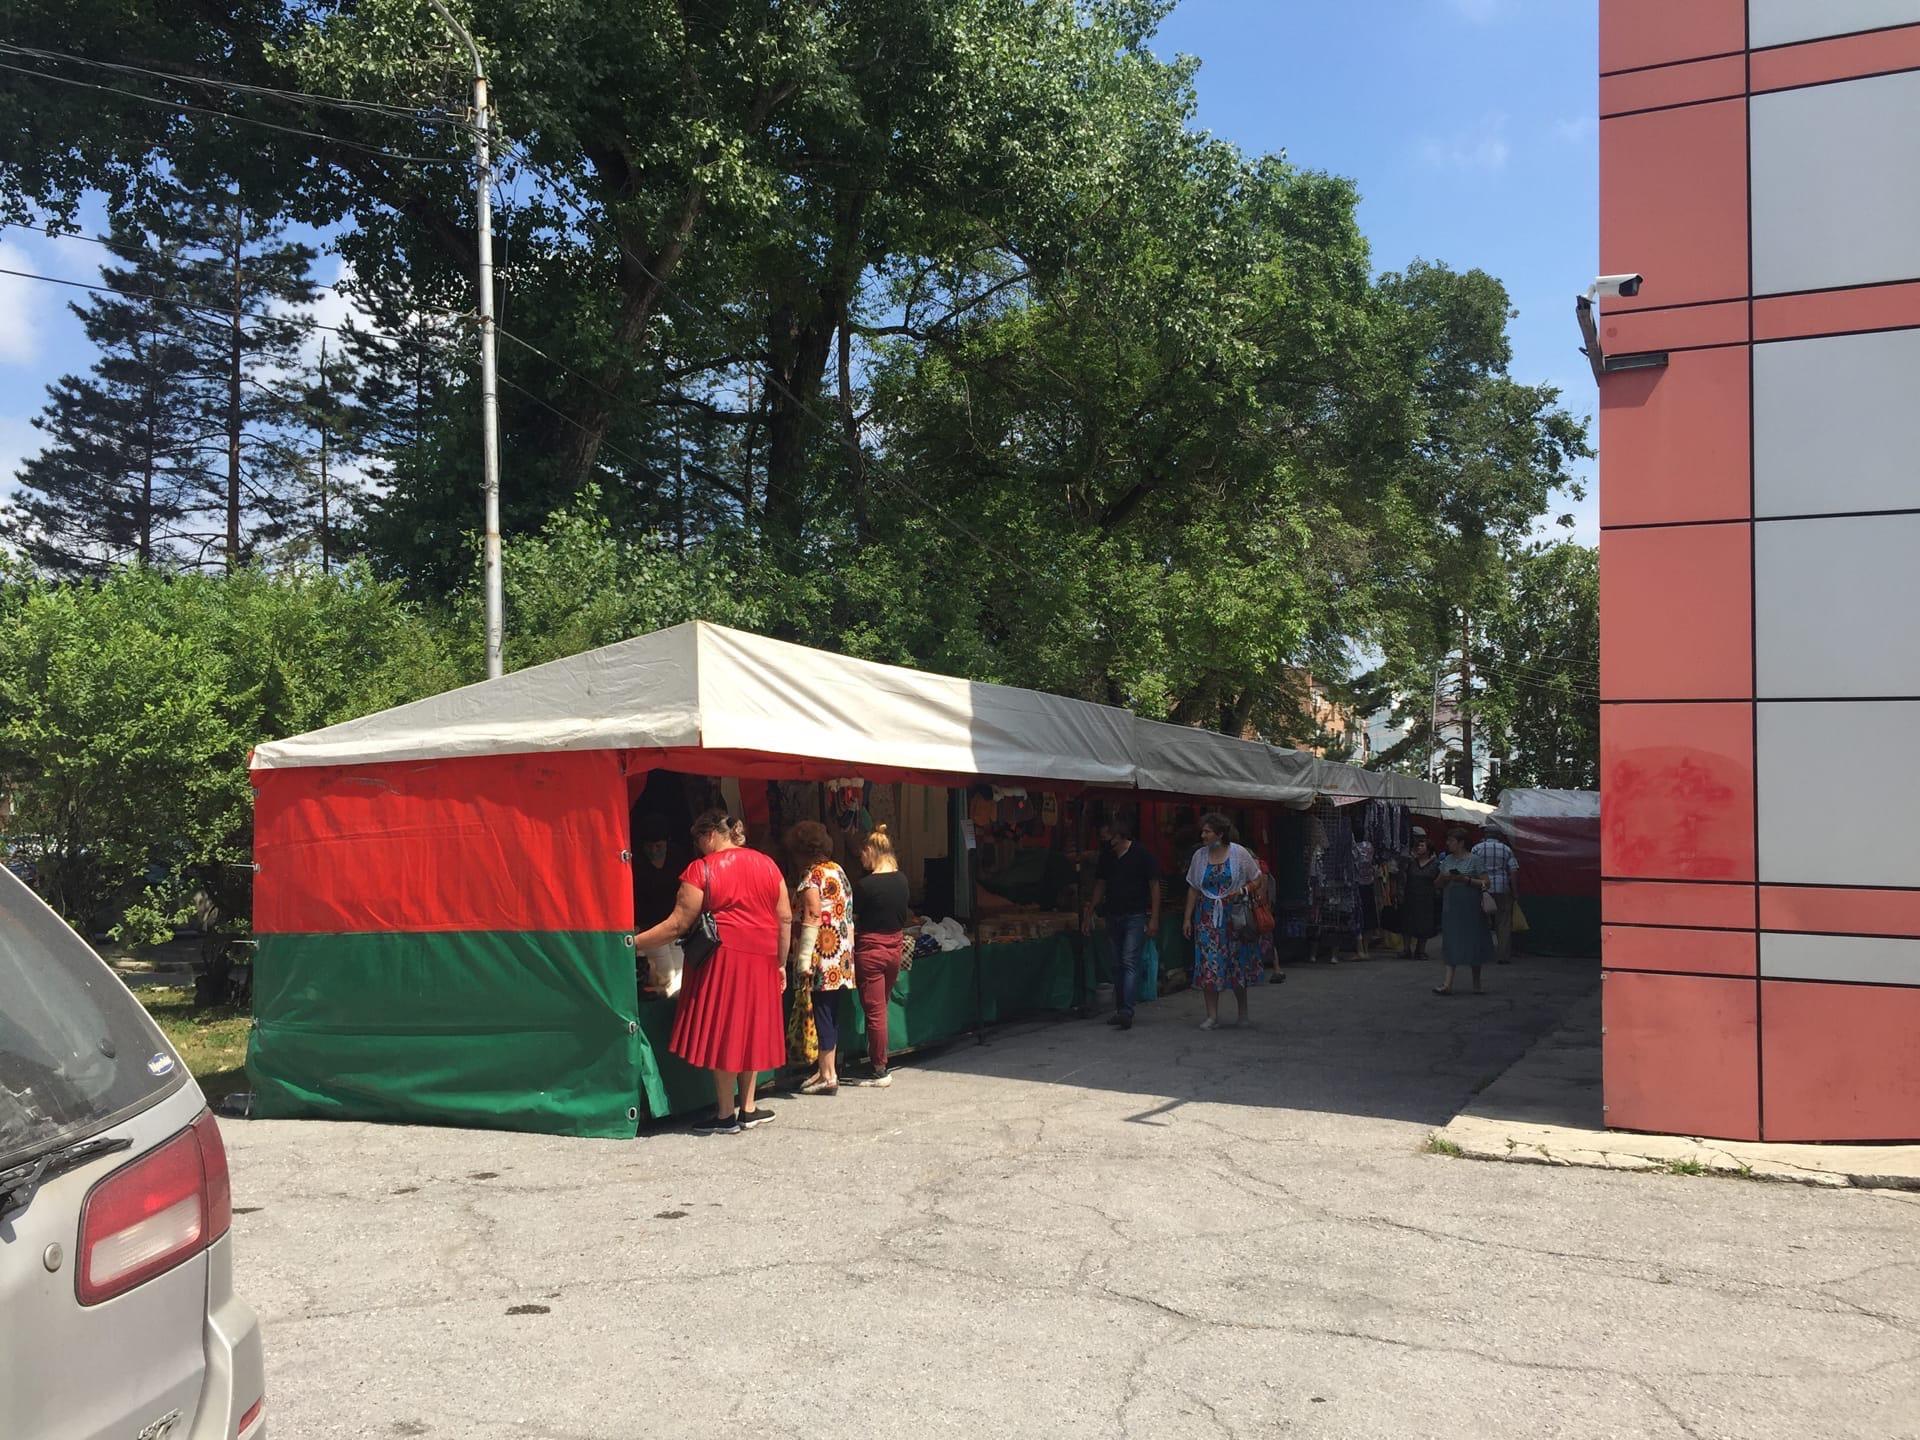 Ярмарка белорусских товаров прошла сегодня возле кинотеатра Аврора.